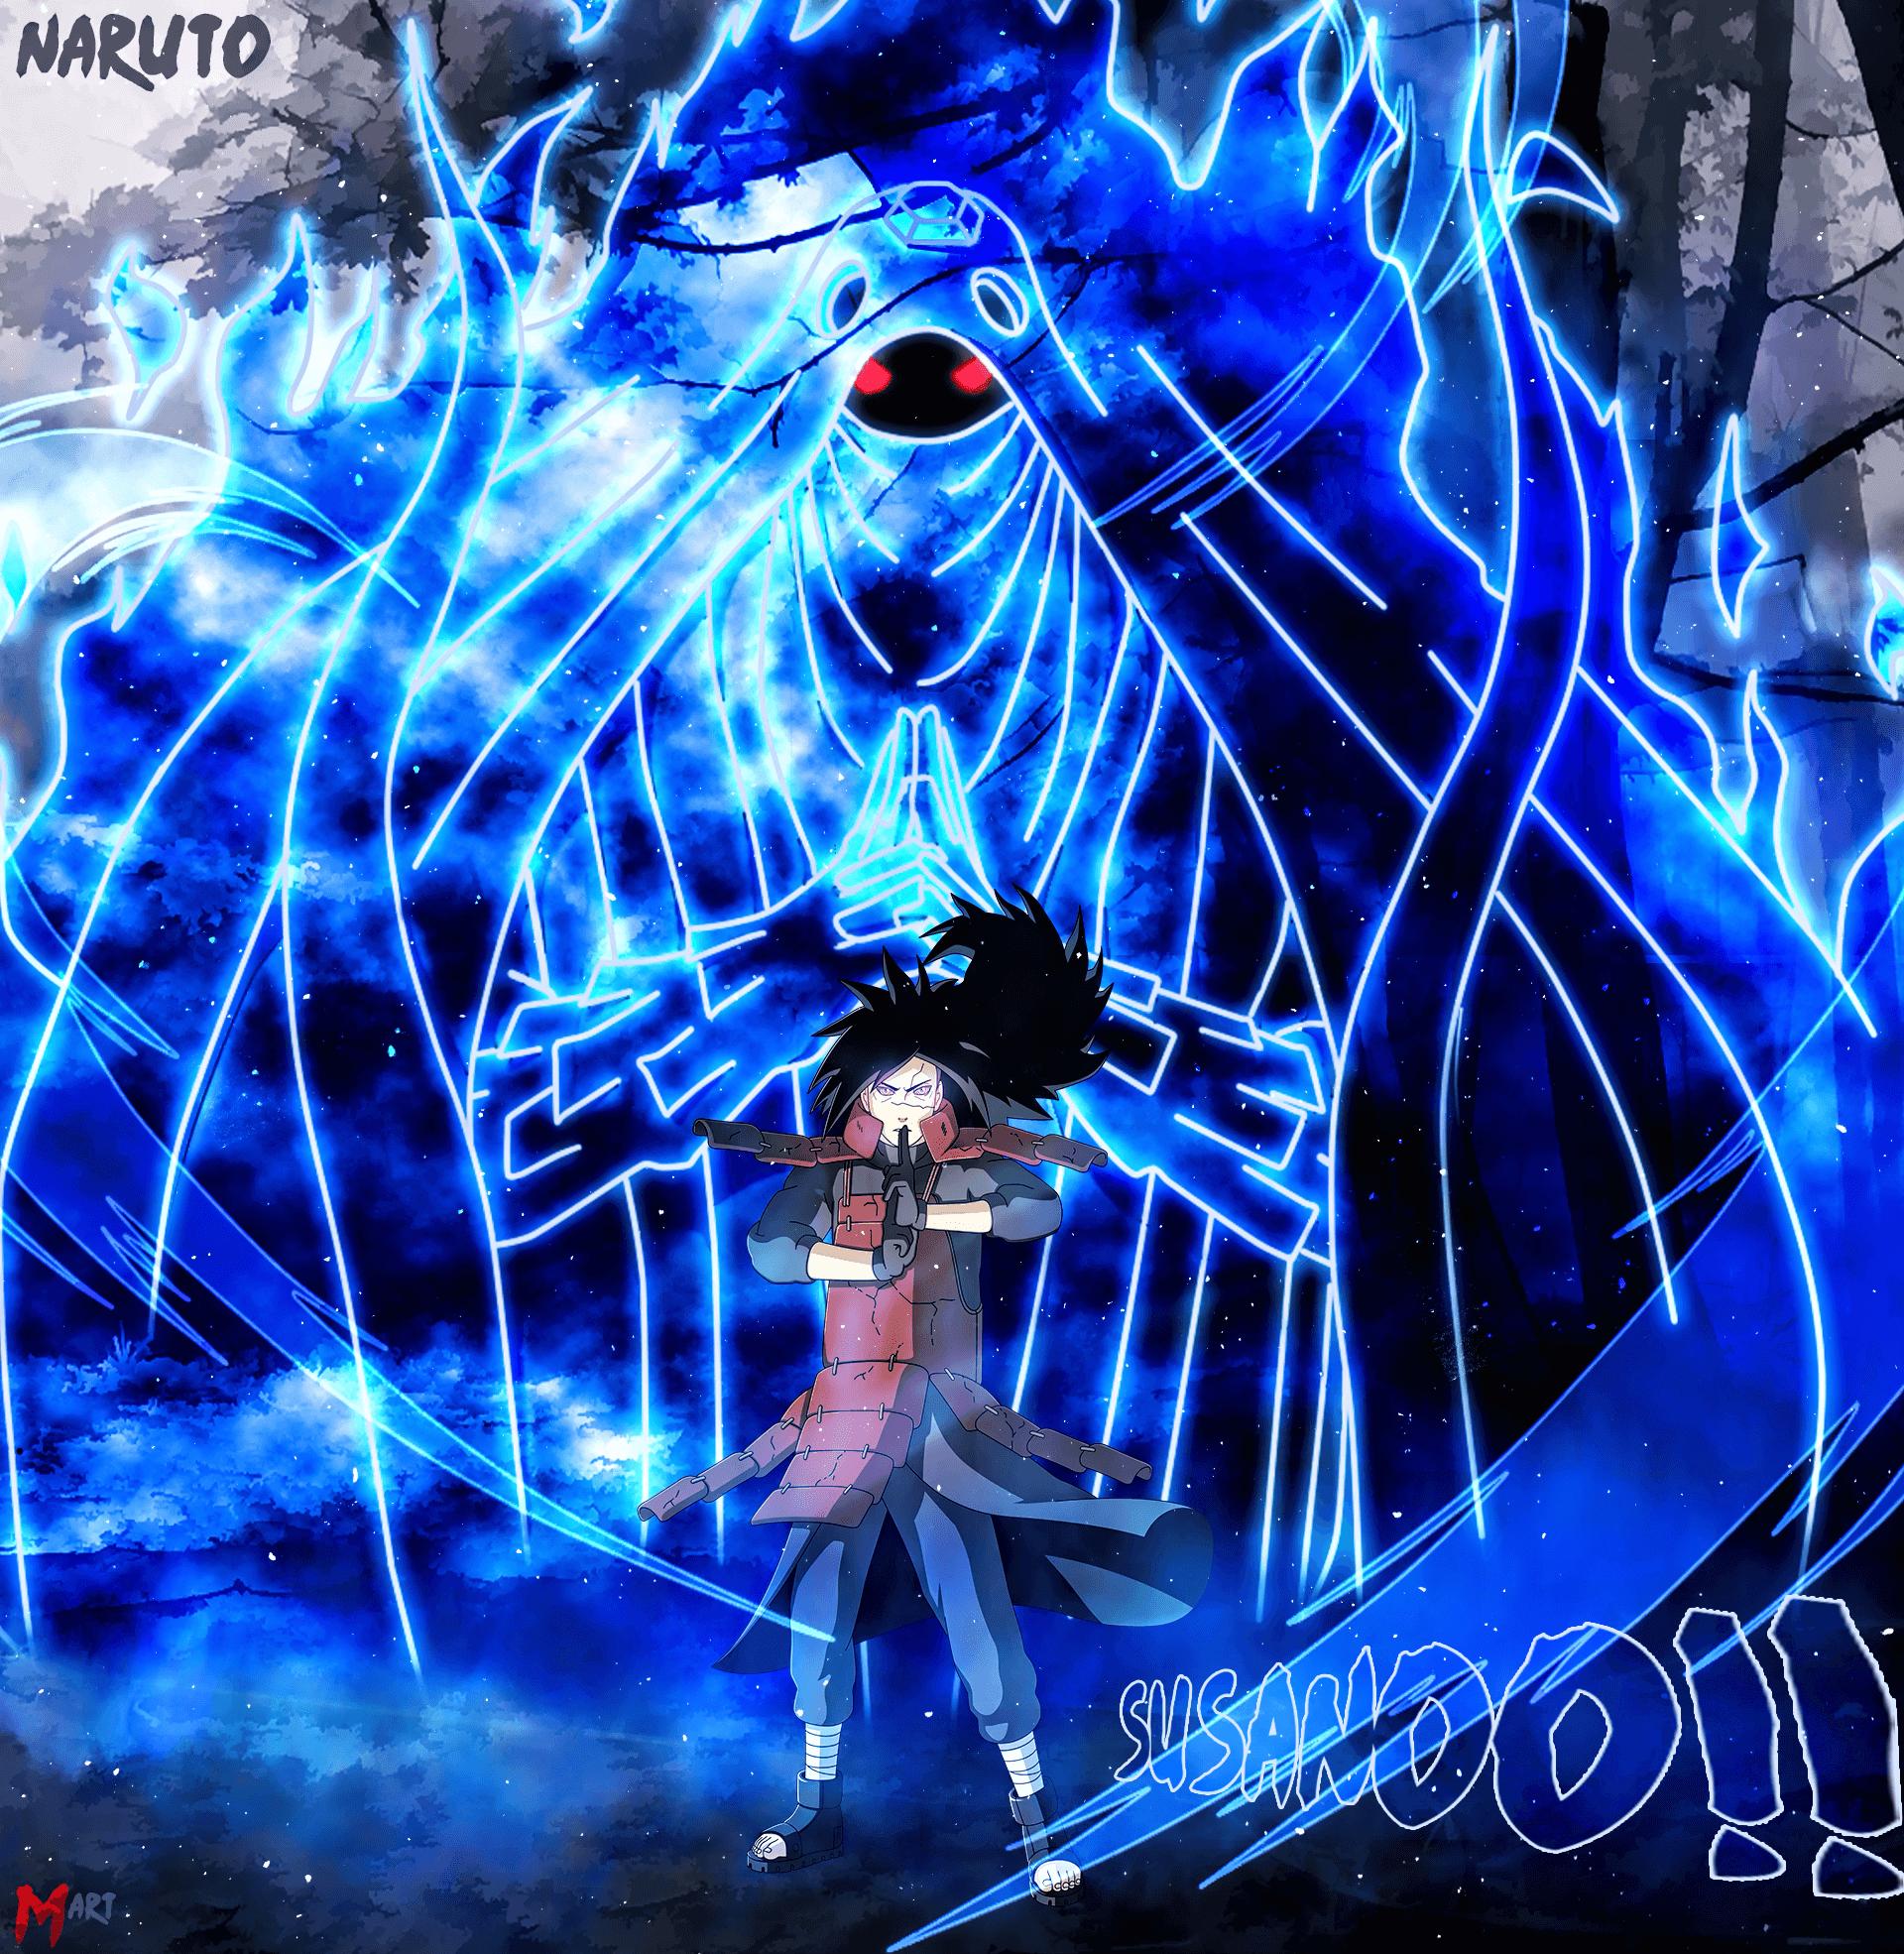 This Is Sasuke Using His Final Susanoo As An Armor Straight Around